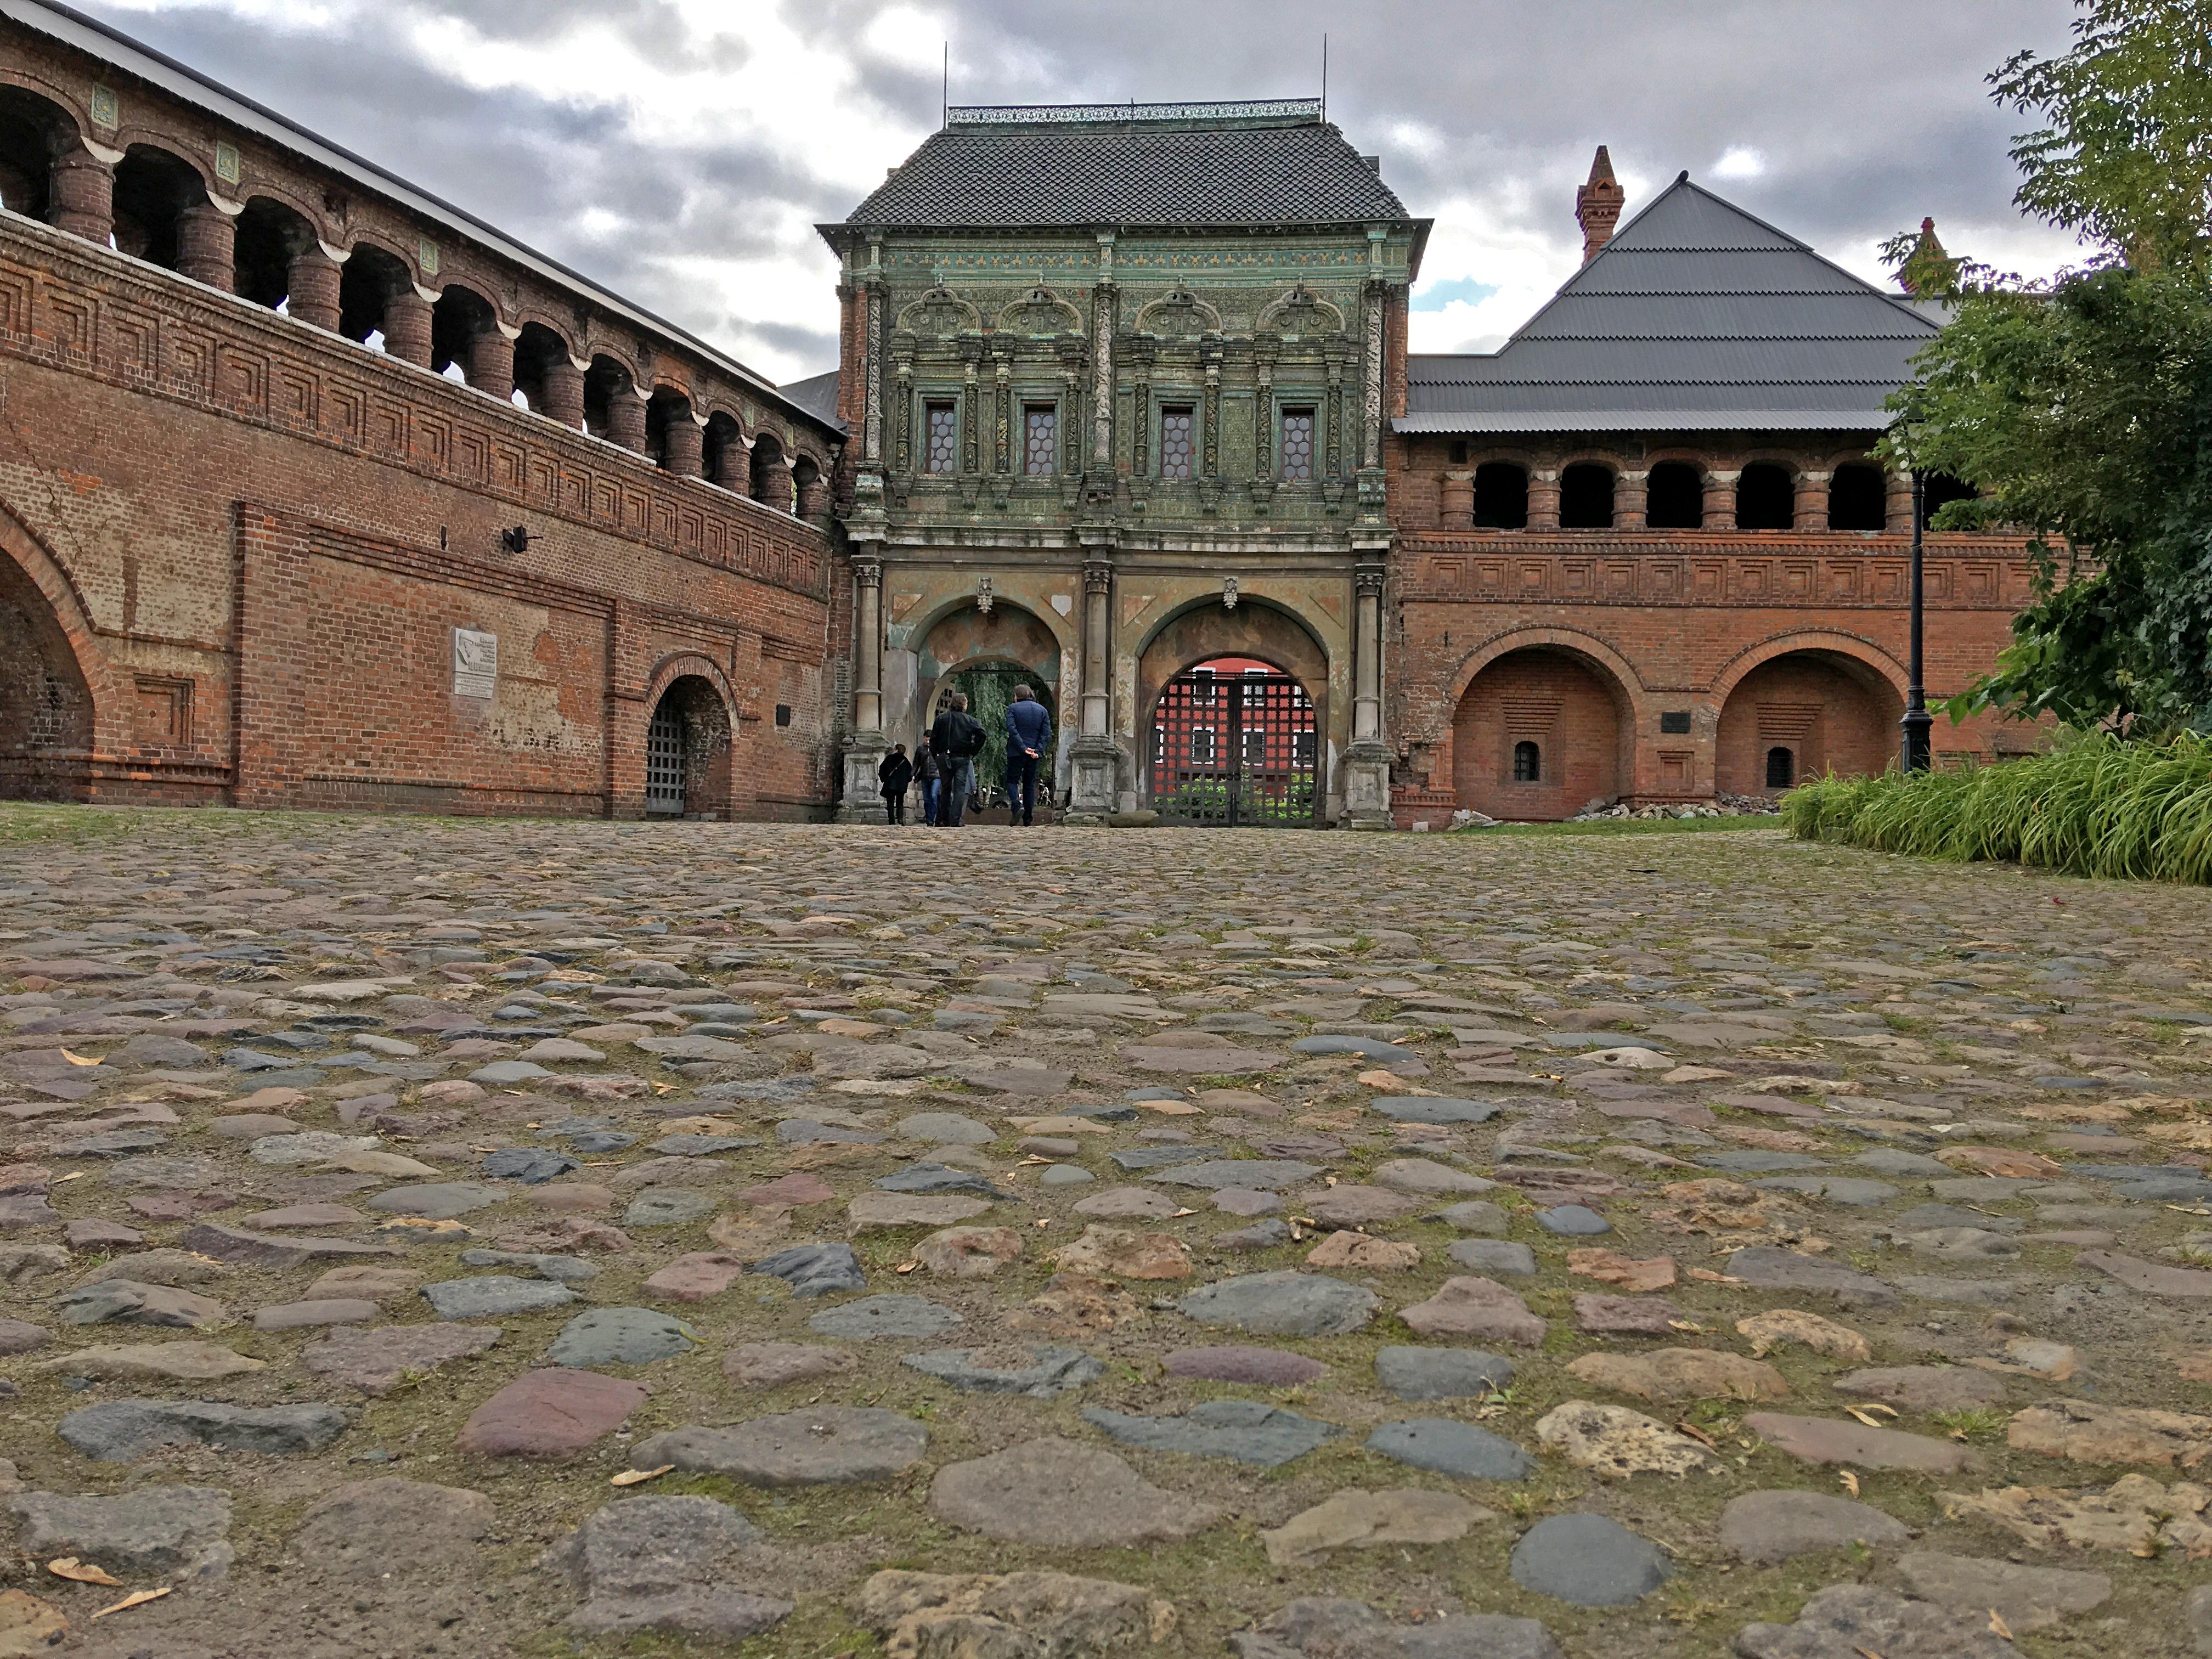 Крутицкое подворье - ближайшее историческое место к месту моего проживания в Москве.